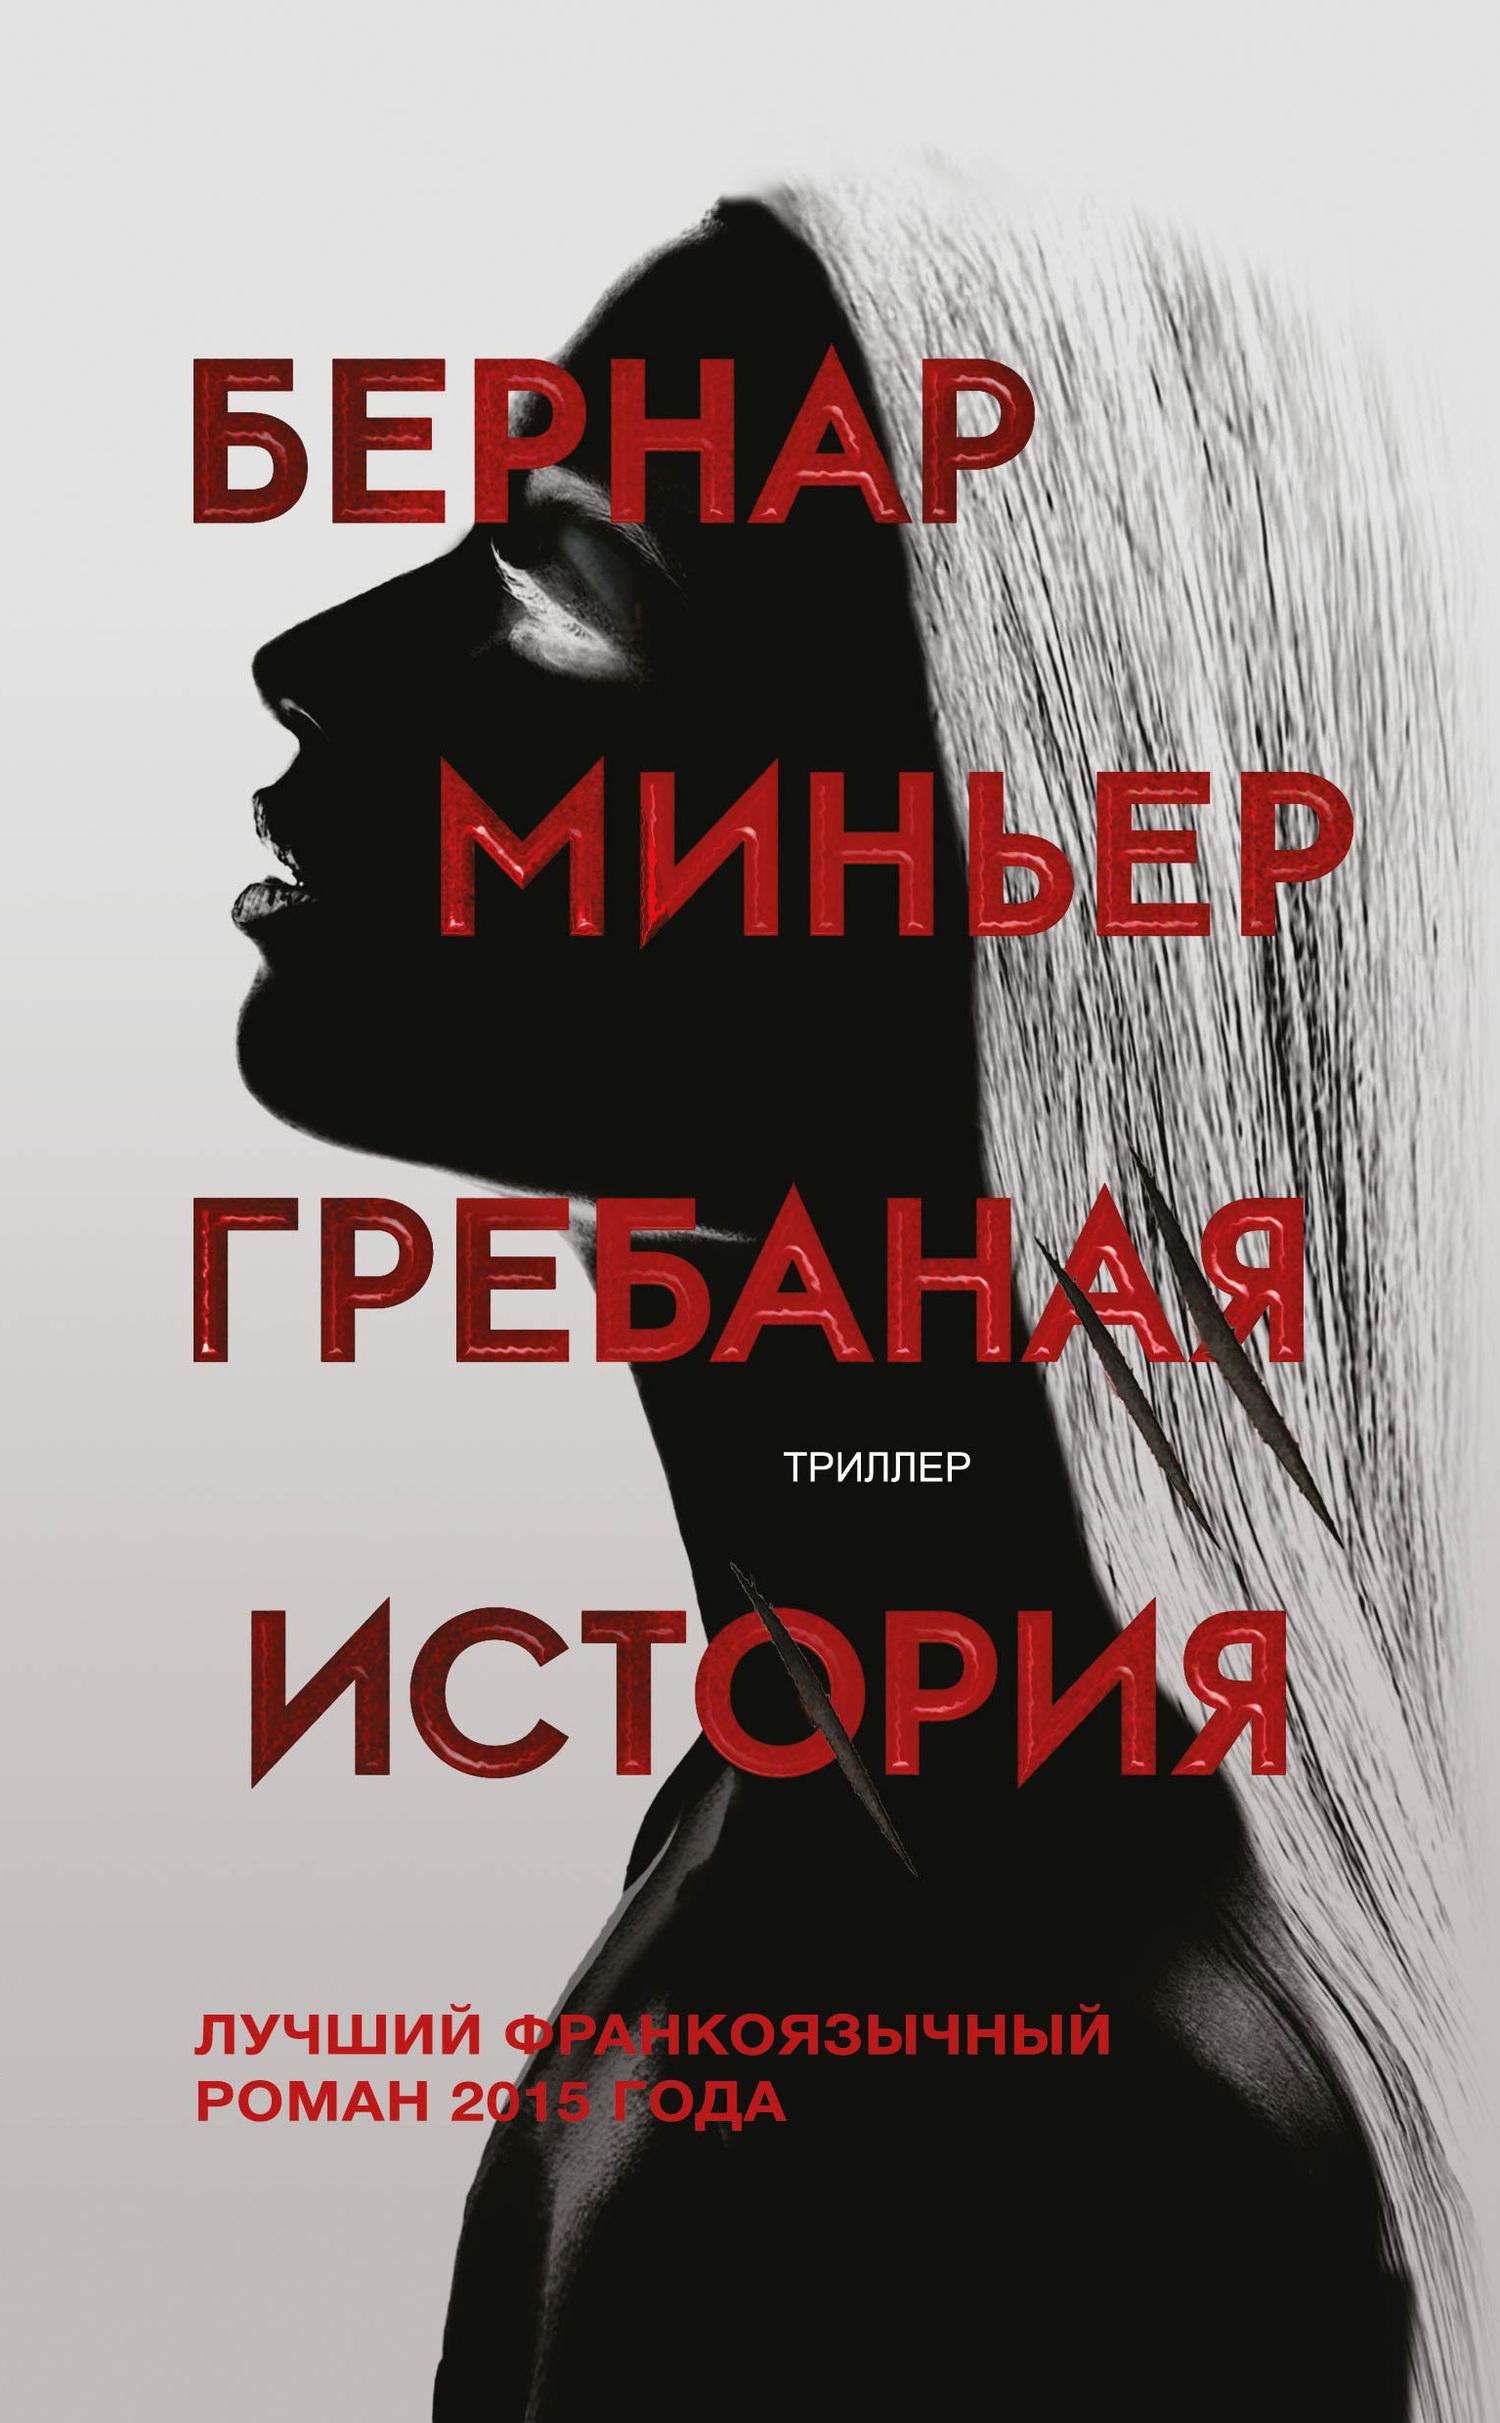 Книга Гребаная история